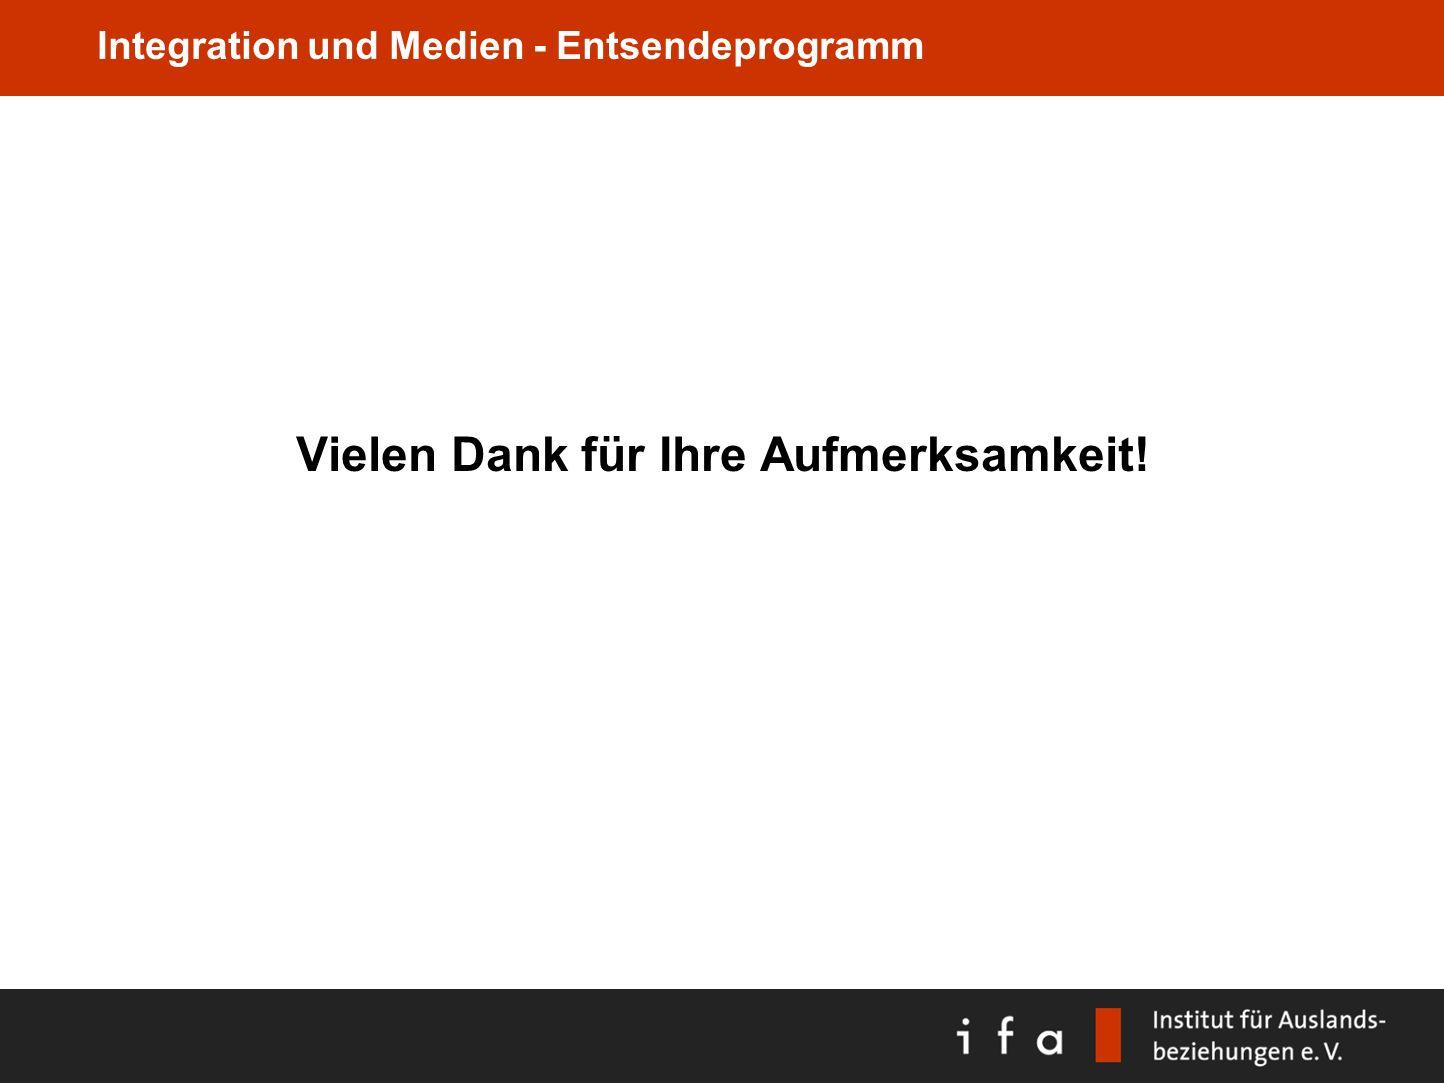 Integration und Medien - Entsendeprogramm Vielen Dank für Ihre Aufmerksamkeit!